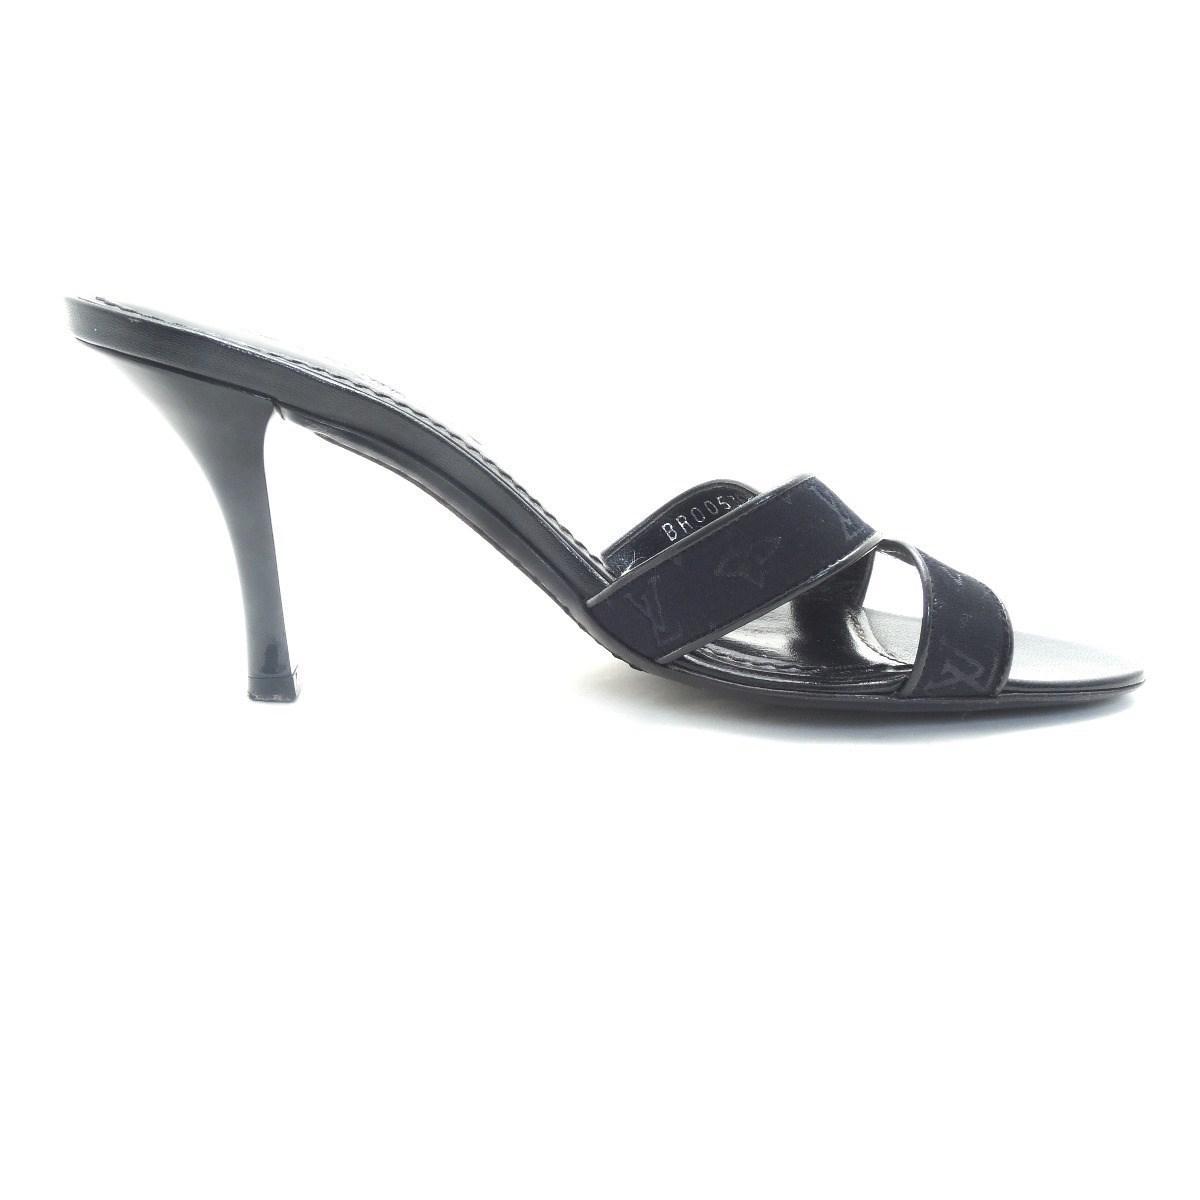 fd908376b321 Lyst - Louis Vuitton Monogram Mini Sandals Pumps Us5 in Black